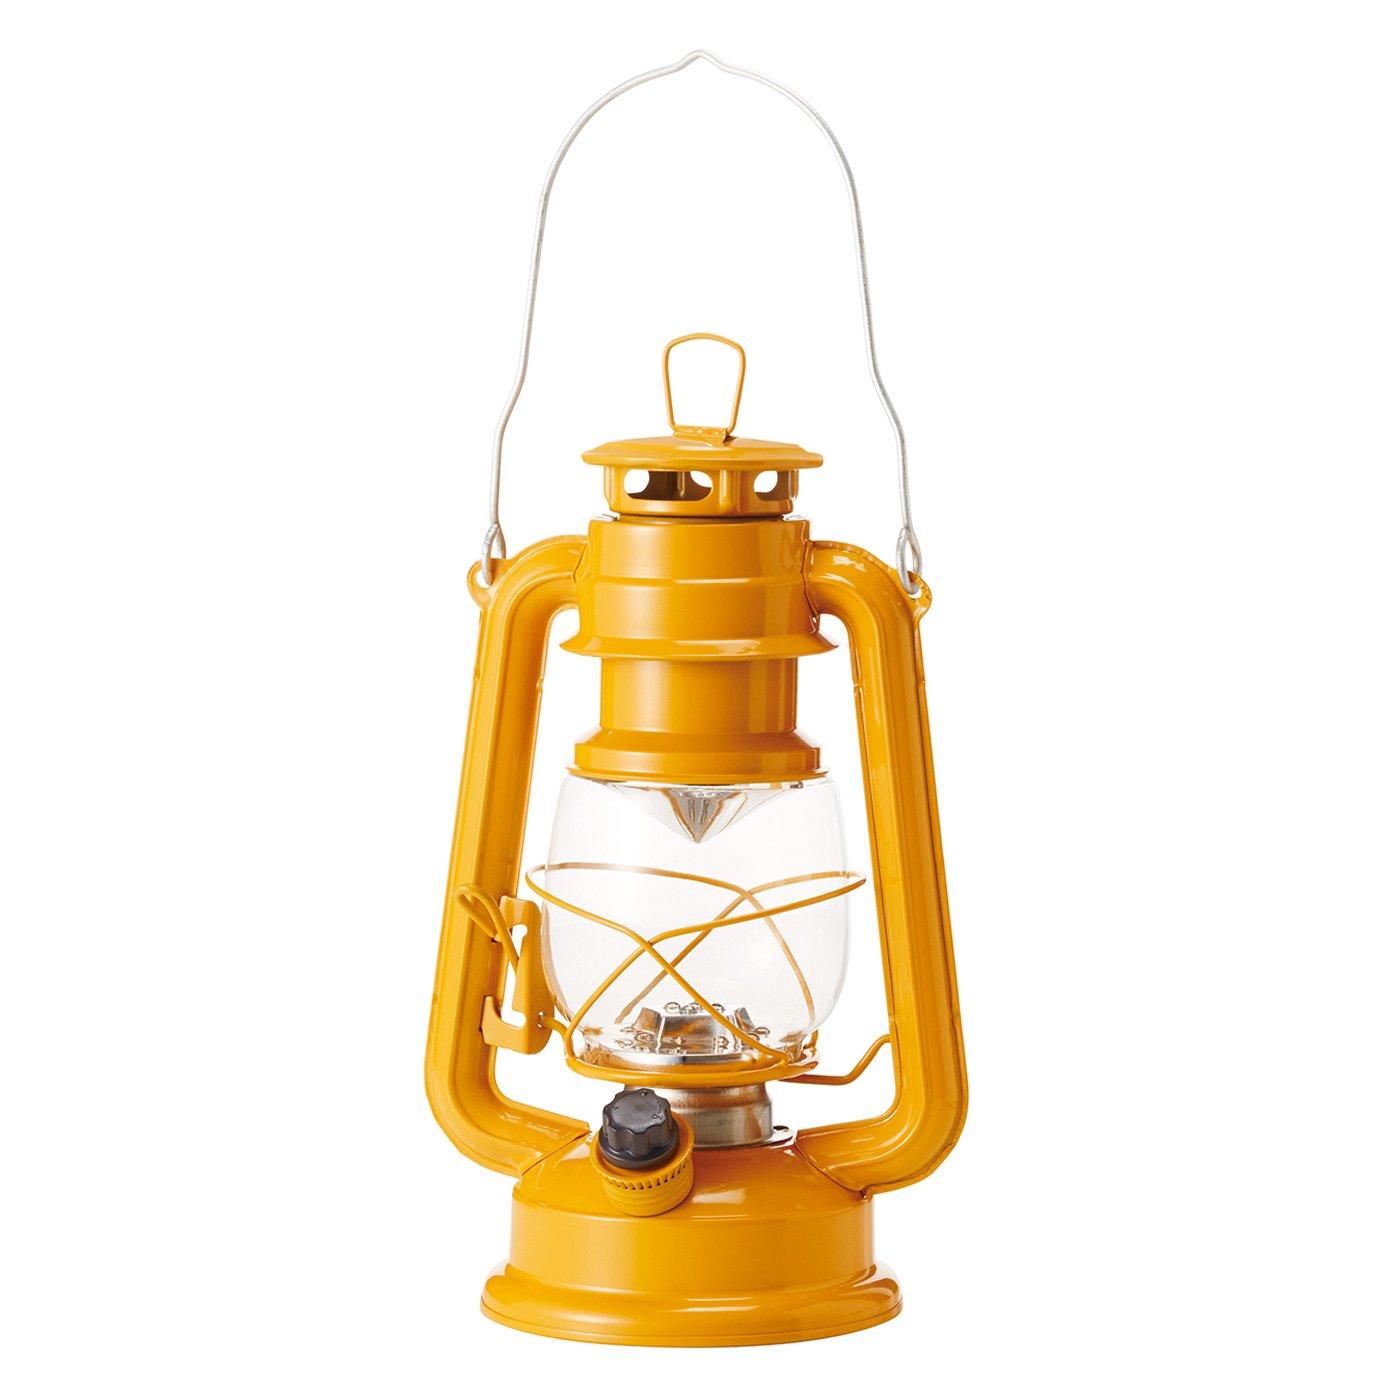 まるで本物の灯(あか)りのよう レトロな風合いのLEDランタン〈ひまわりイエロー〉